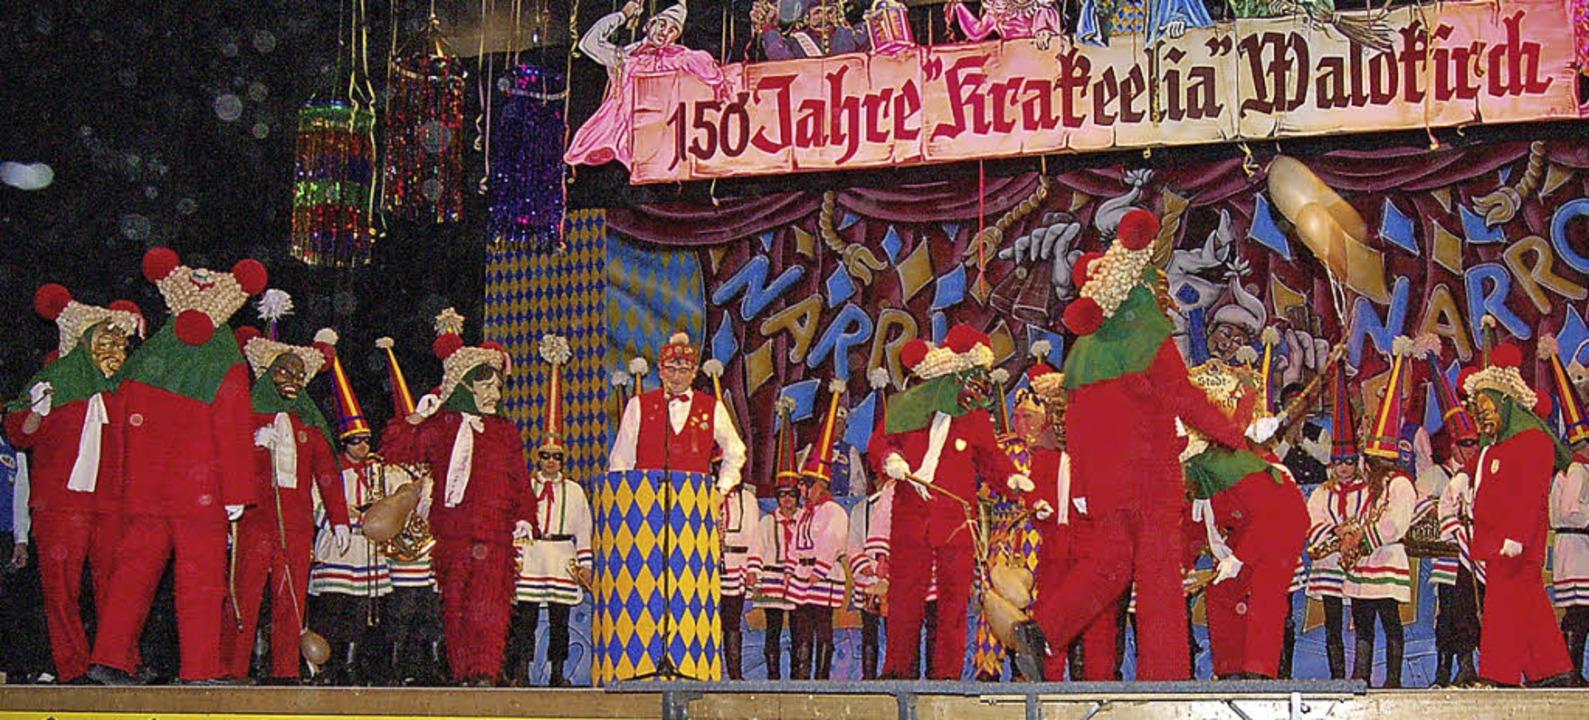 Schau an: Elzacher Schuttig auf der Bühne der 150 Jahre alten Krakeelia.  | Foto: Christian Ringwald